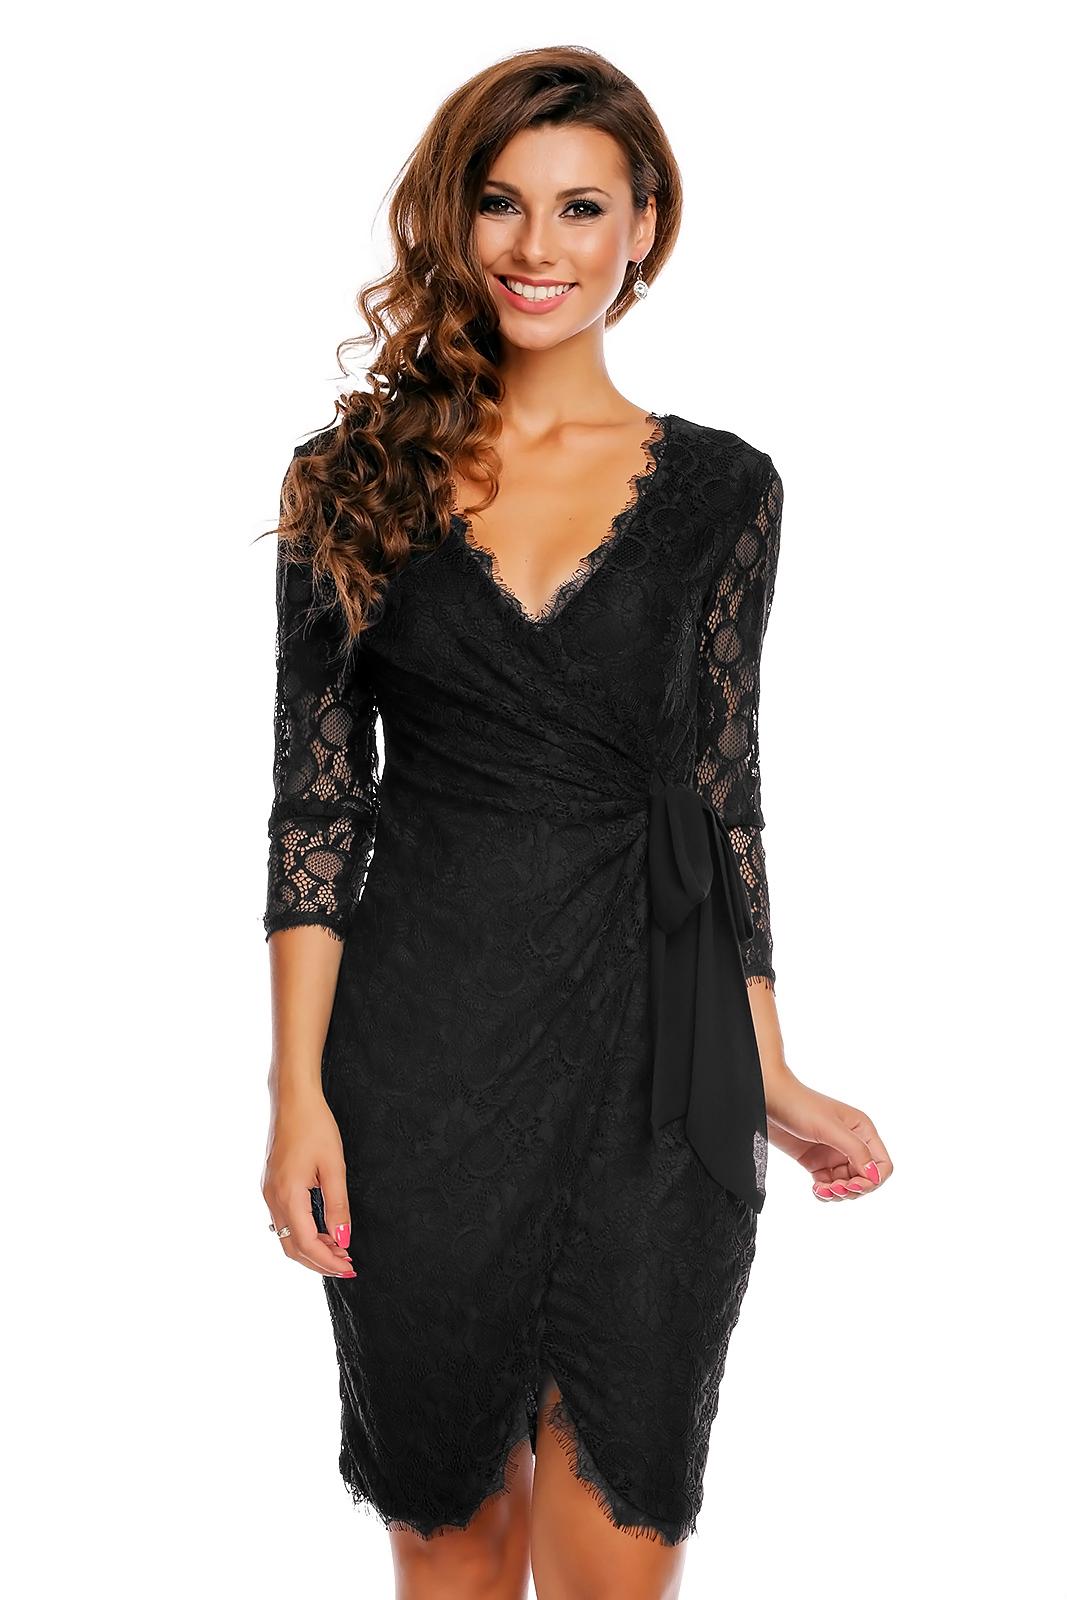 63441ef46039 Společenské a plesové šaty MAYAADI krajkové falešně zavinovací černé ...